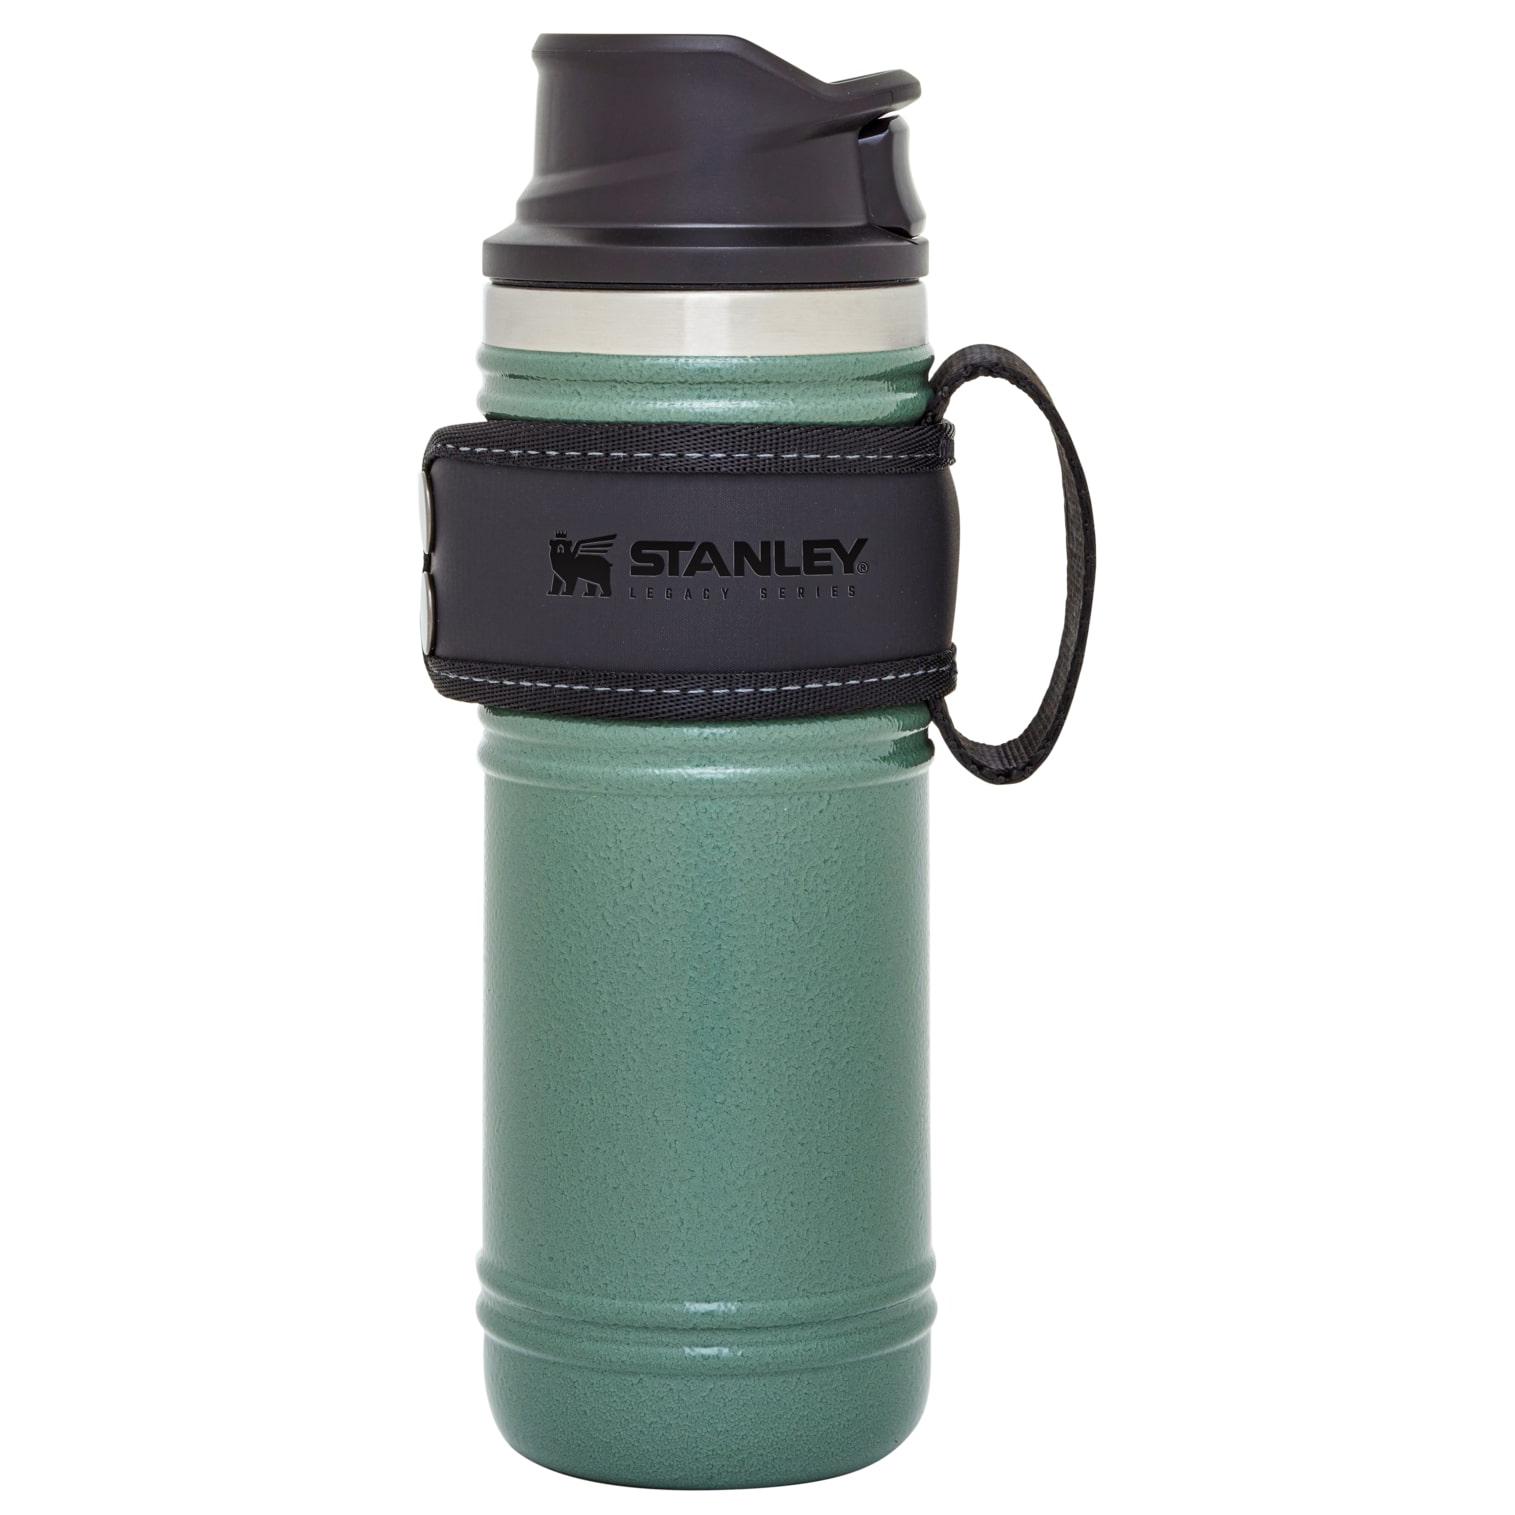 Bình giữ nhiệt Stanley Legacy Trigger Action Mug – 12oz